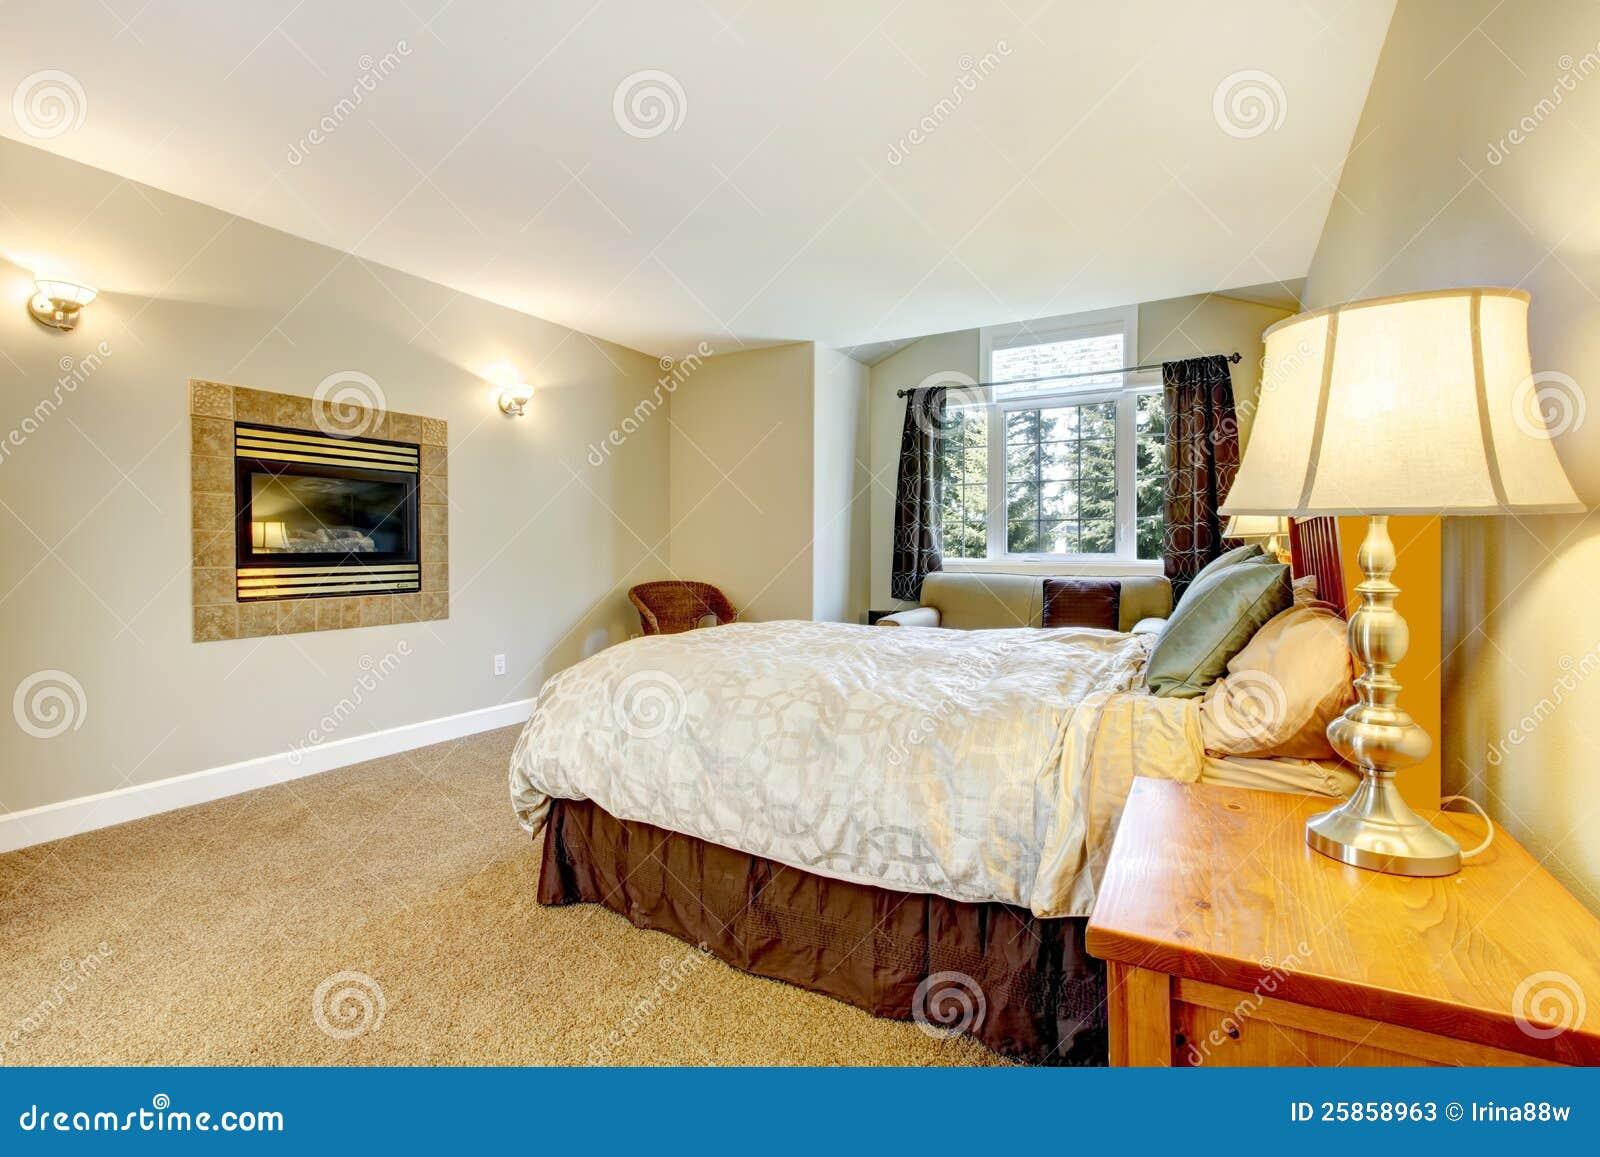 Slaapkamer Met Openhaard : Grote slaapkamer met open haard stock photos 36 images